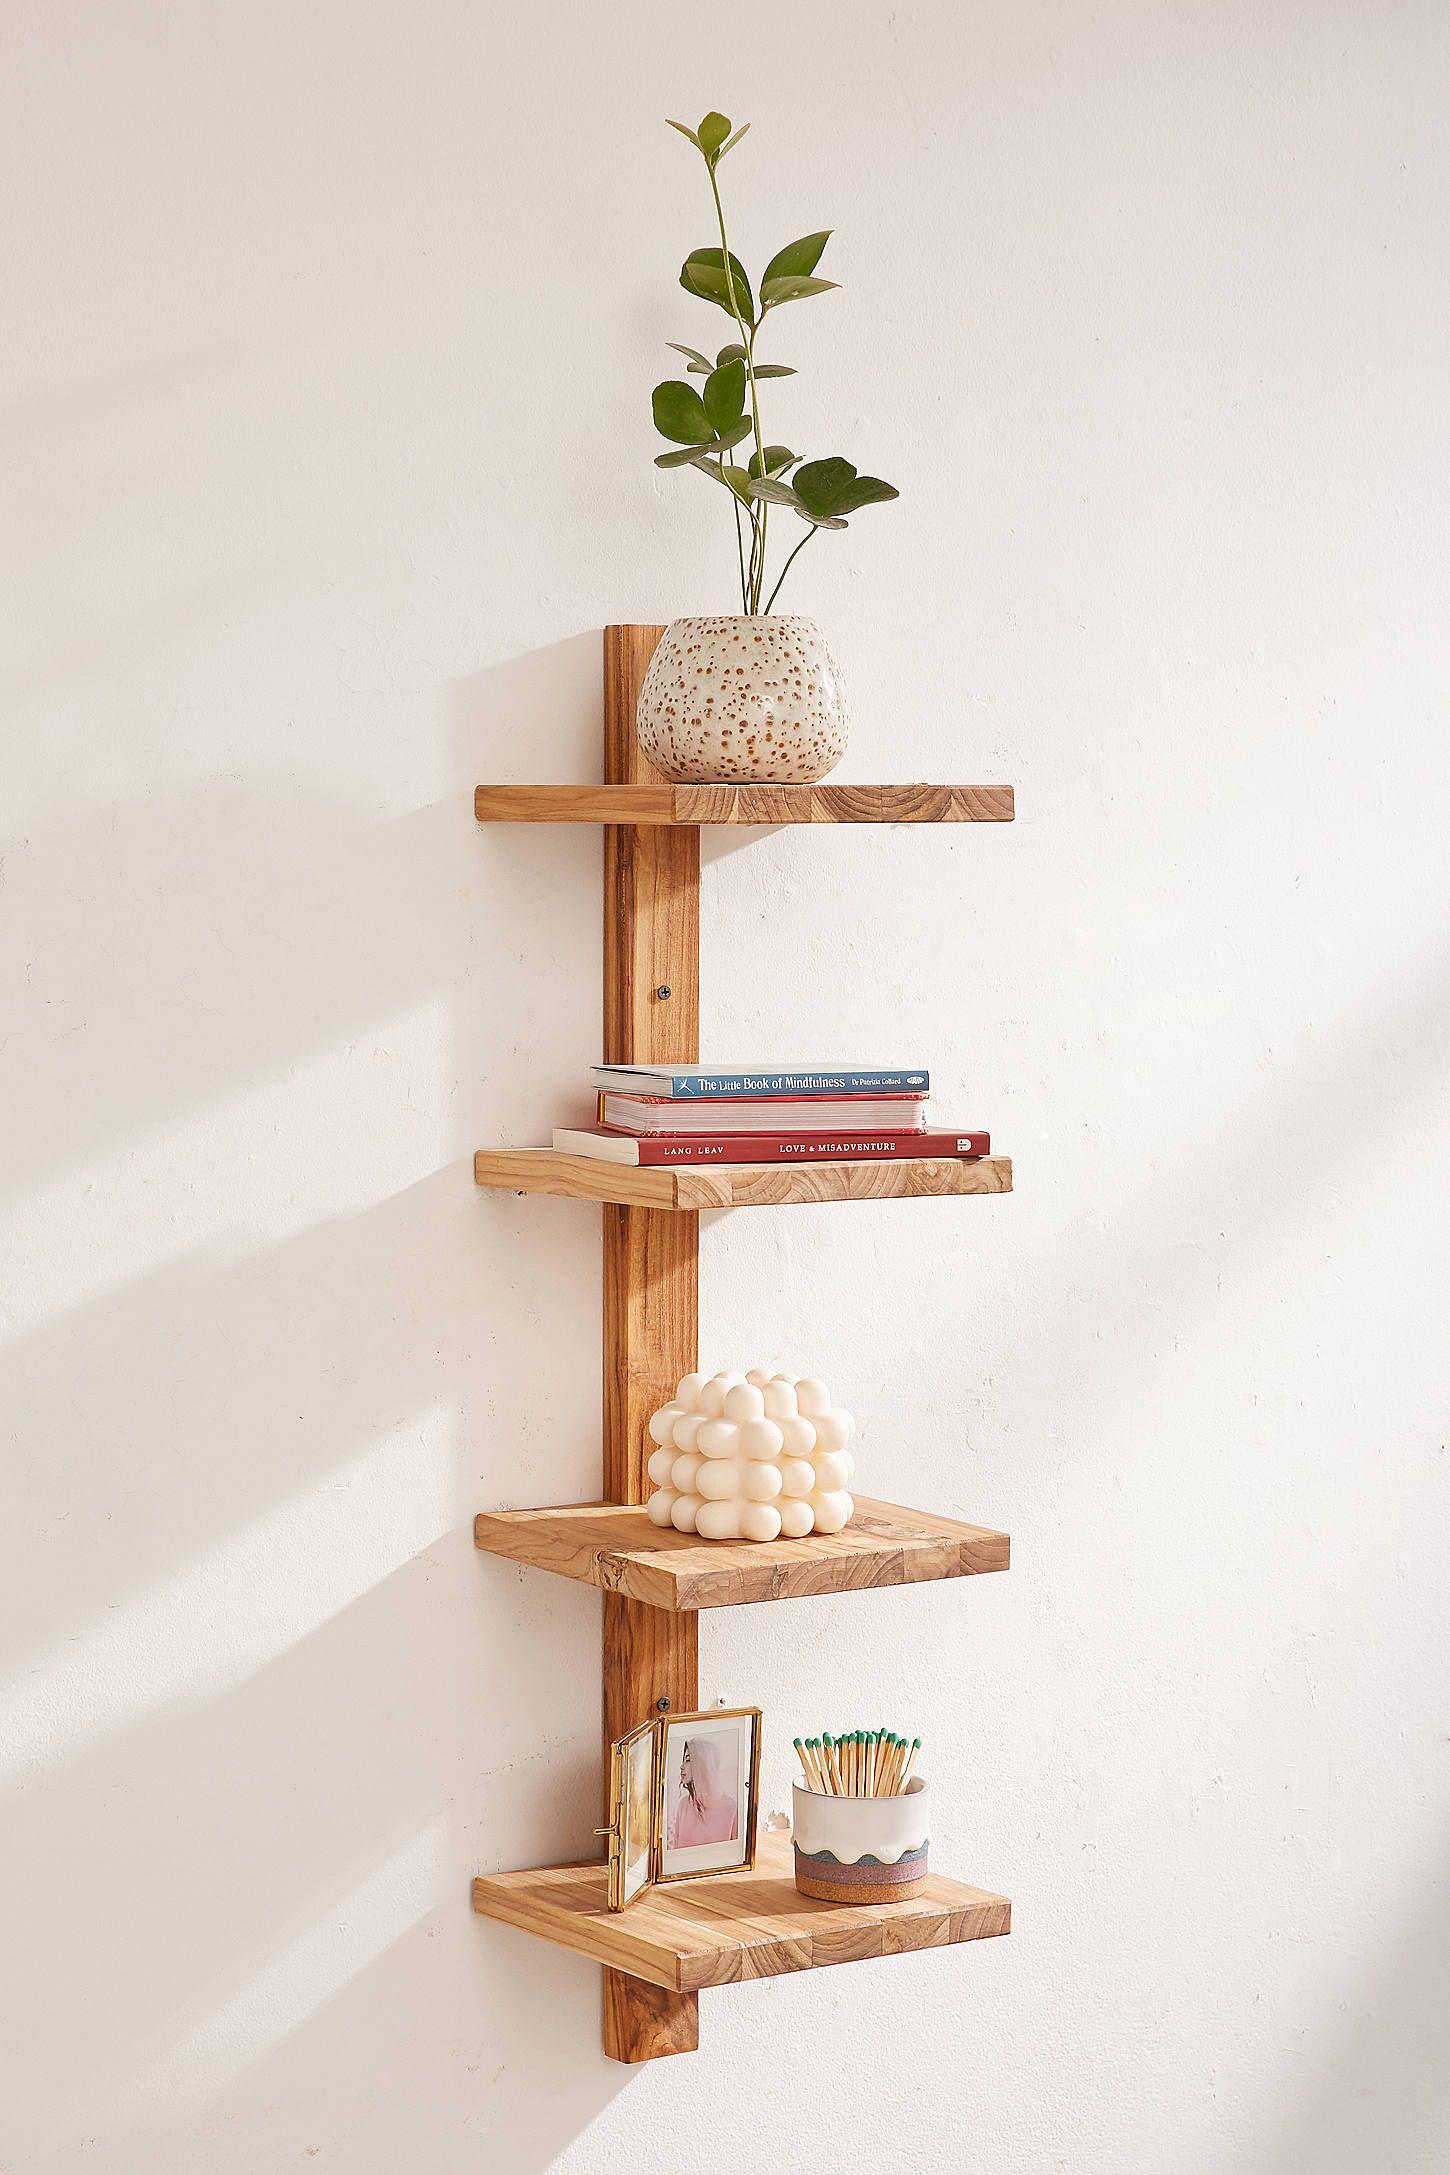 takara column wood wall shelf in 2019 diy crafty wood wall rh pinterest com